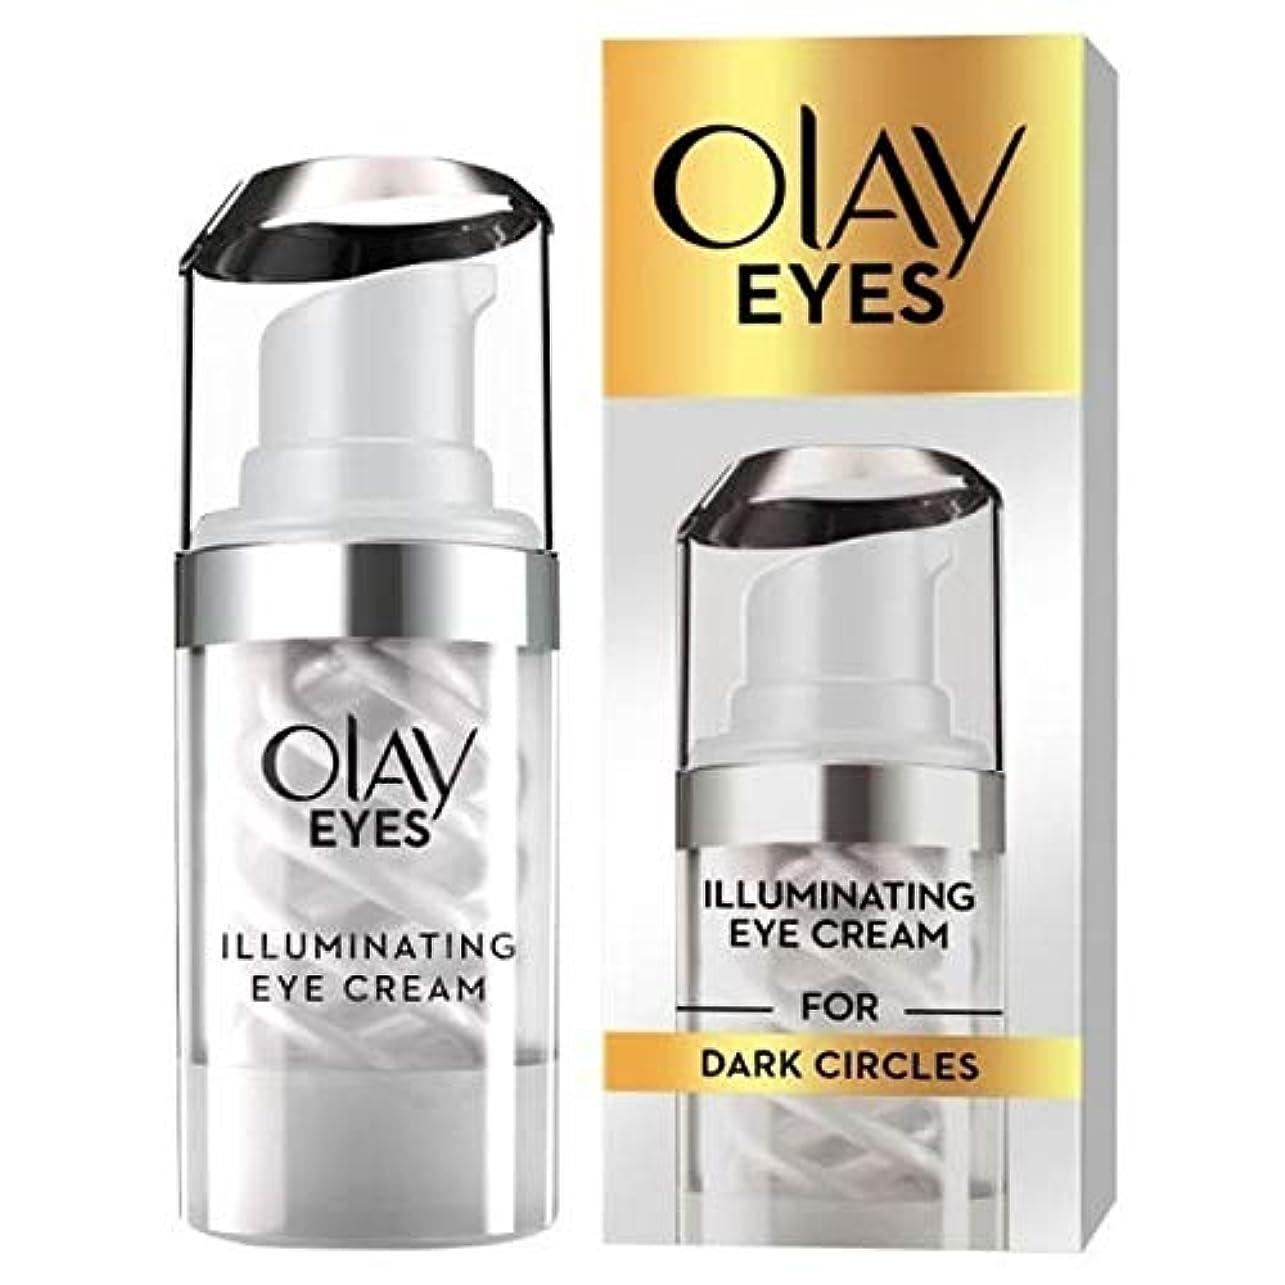 忠誠気質スタジアム[Olay] アイクリーム15ミリリットルを照らすオーレイ目 - Olay Eyes Illuminating Eye Cream 15Ml [並行輸入品]